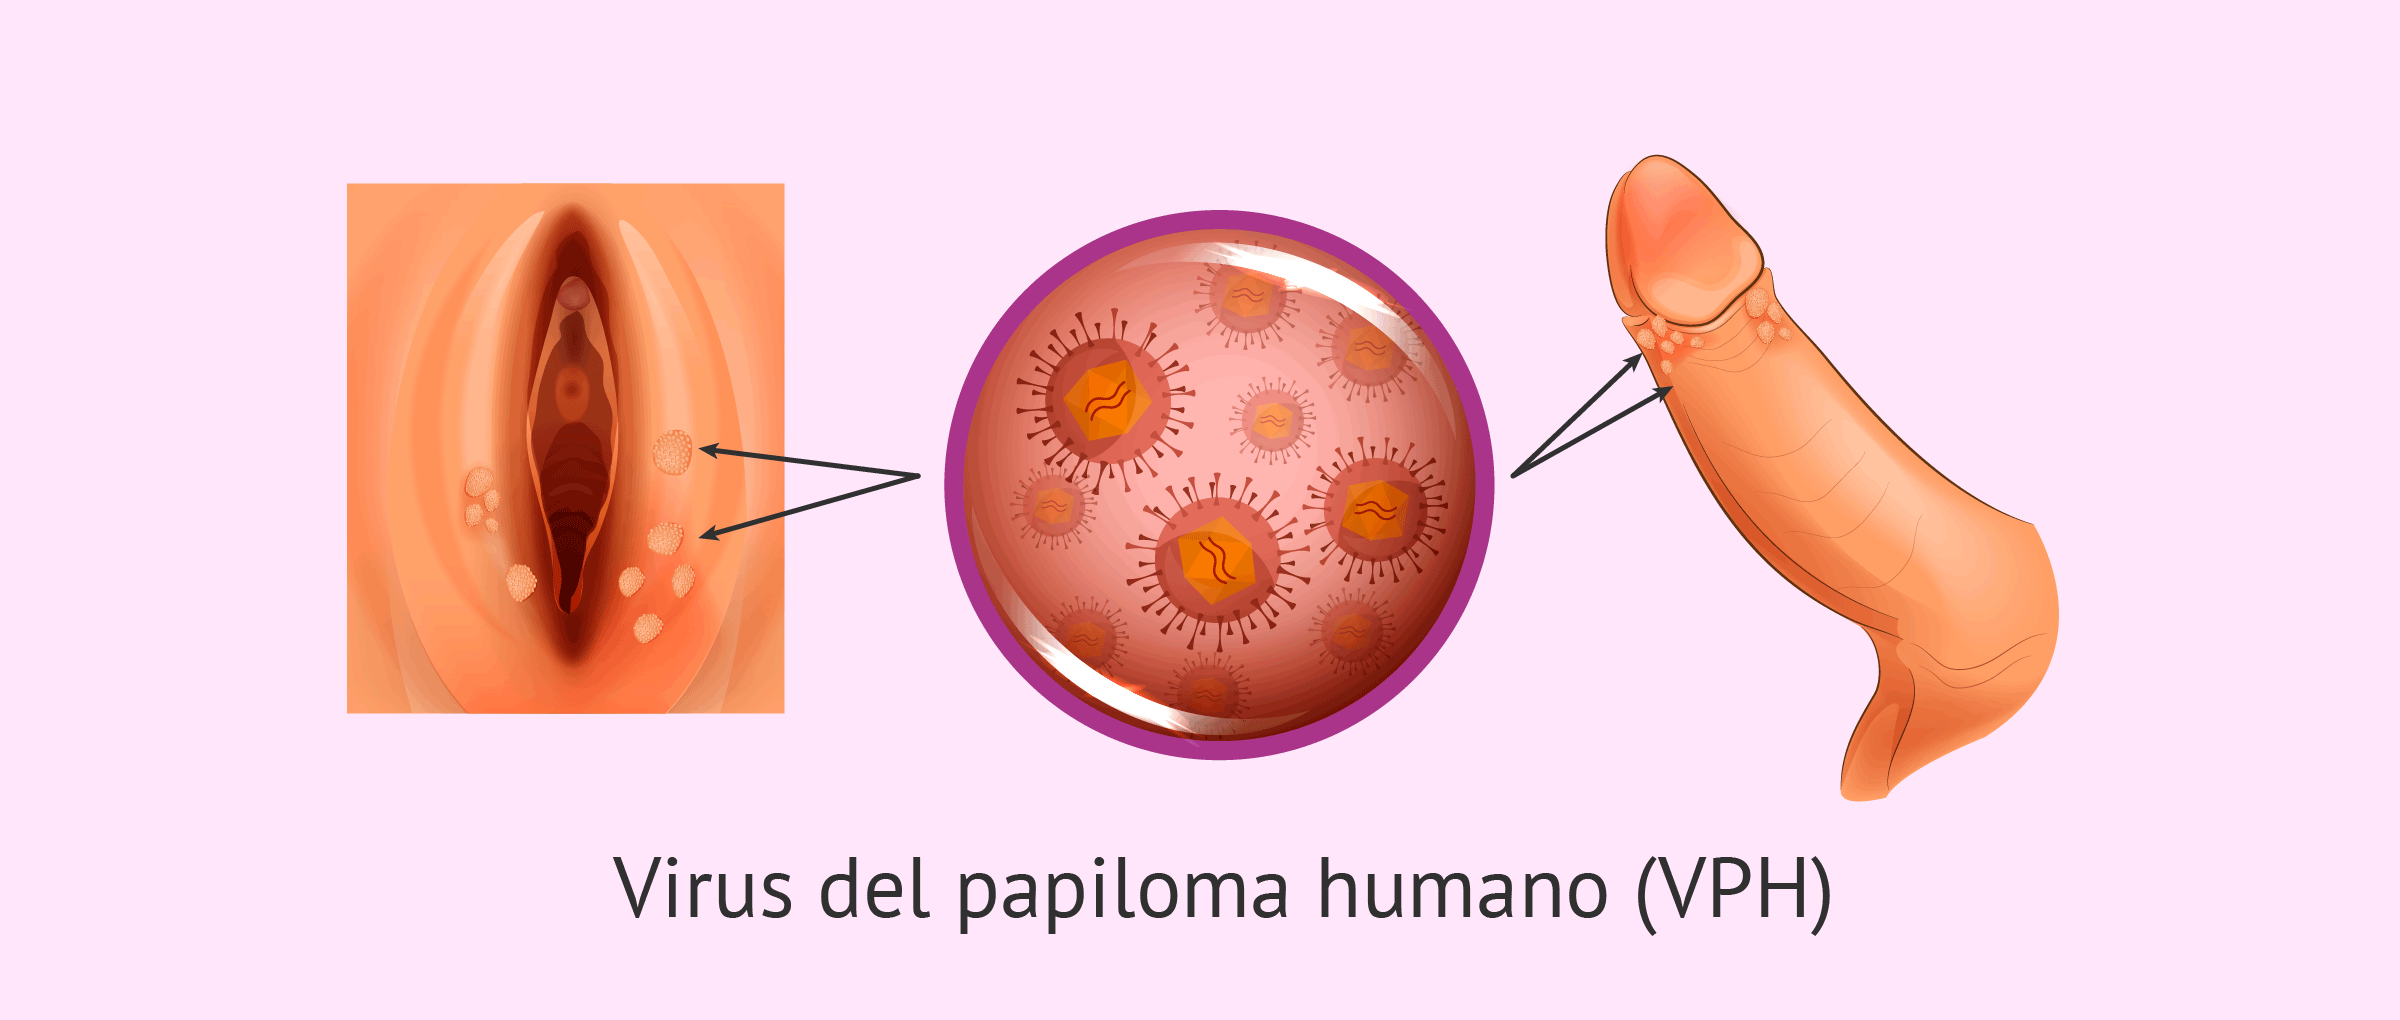 virus del hpv que es)